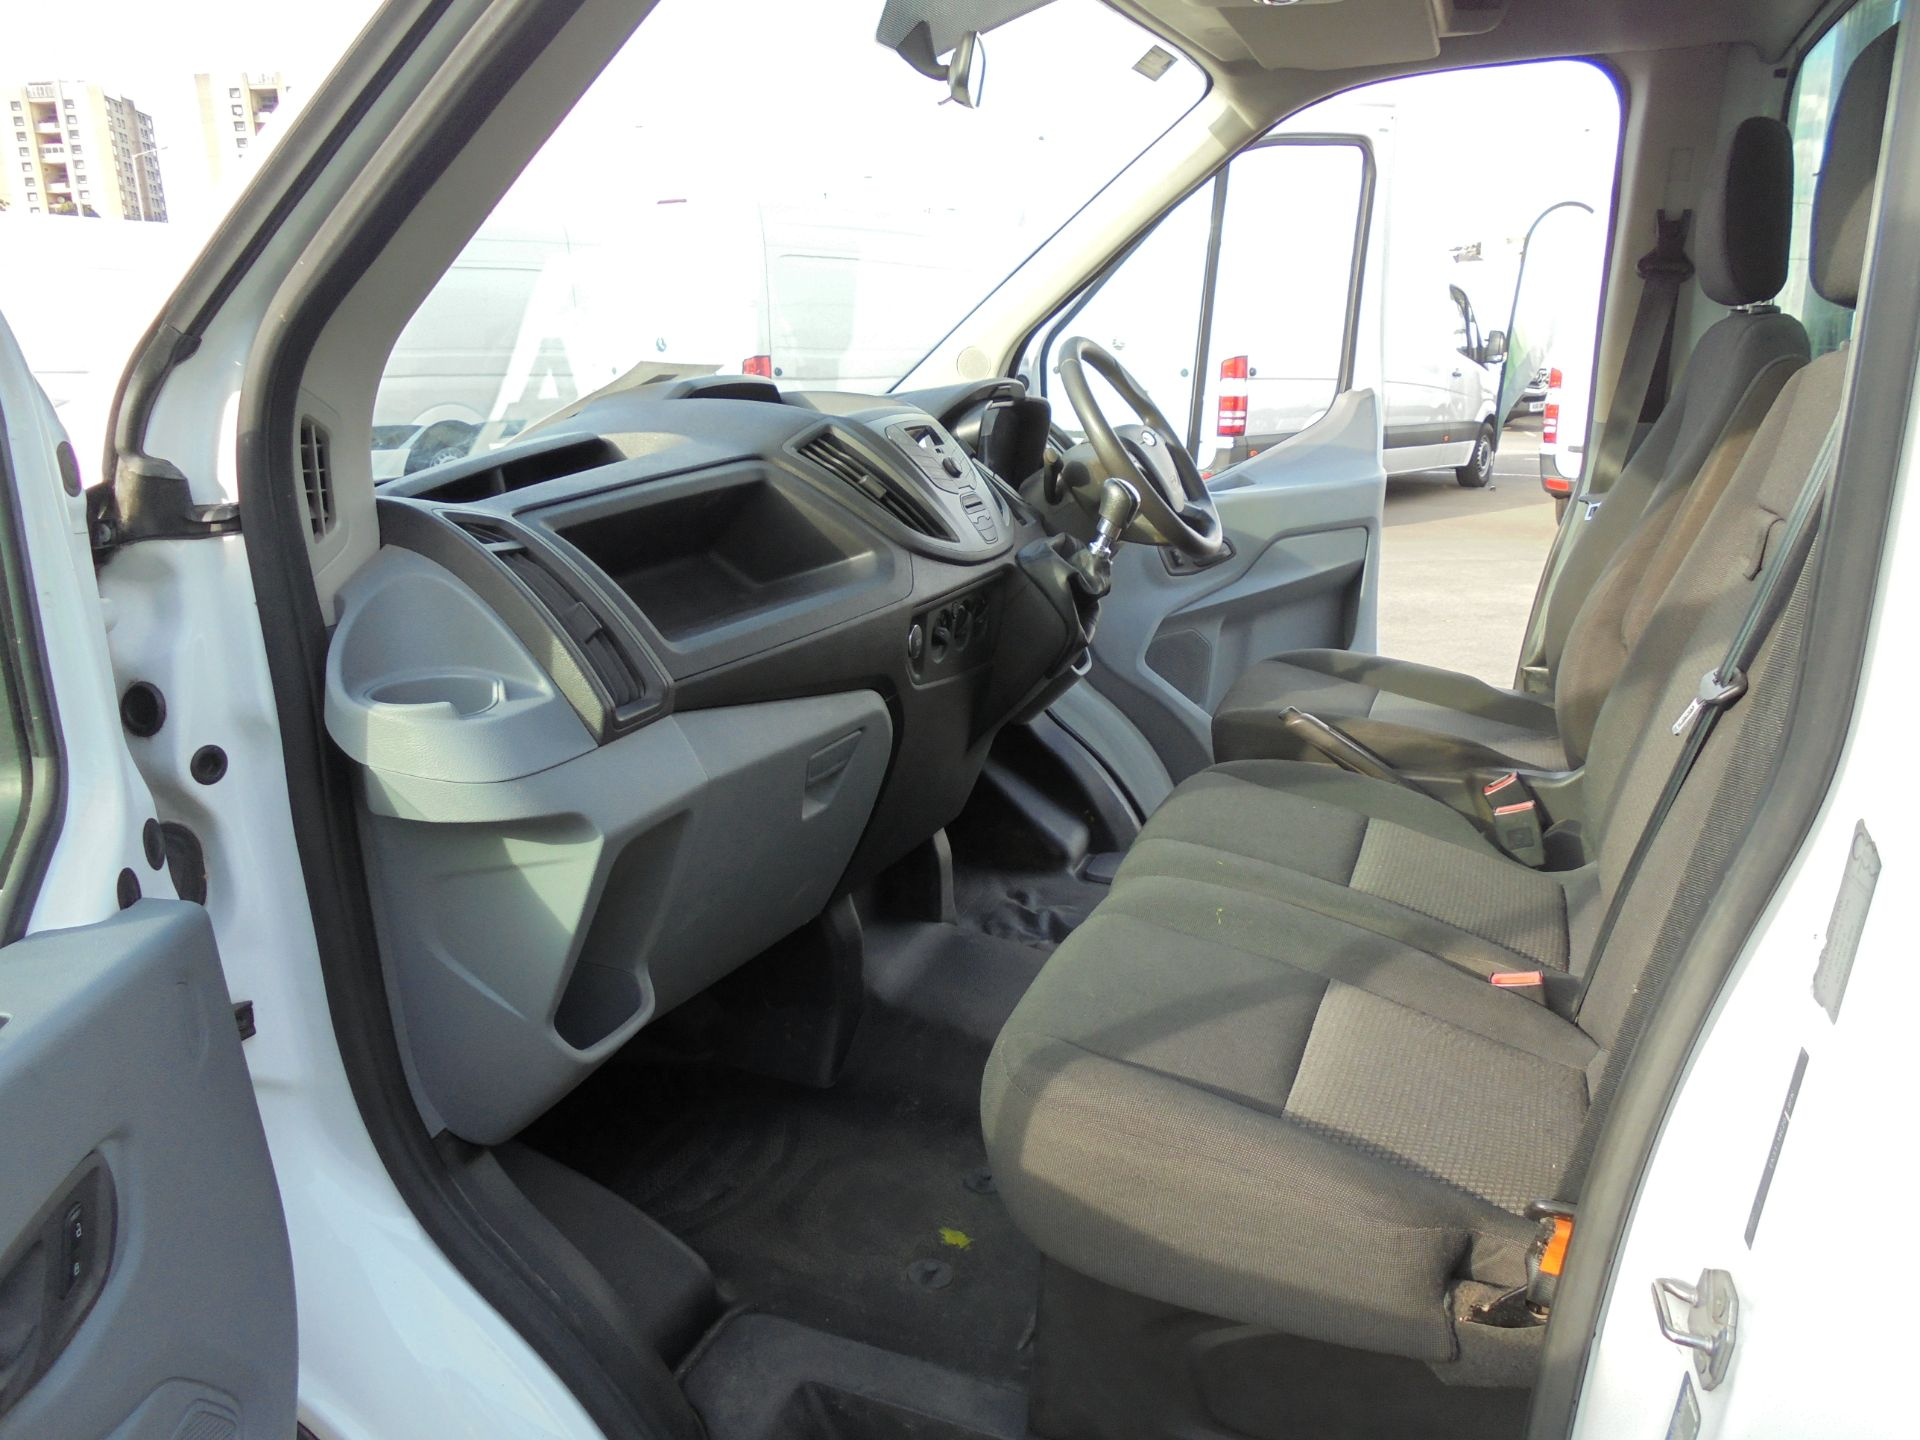 2016 Ford Transit 2.2 Tdci 125Ps L4 DROPSIDE /TAIL LIFT (FG16LME) Image 22